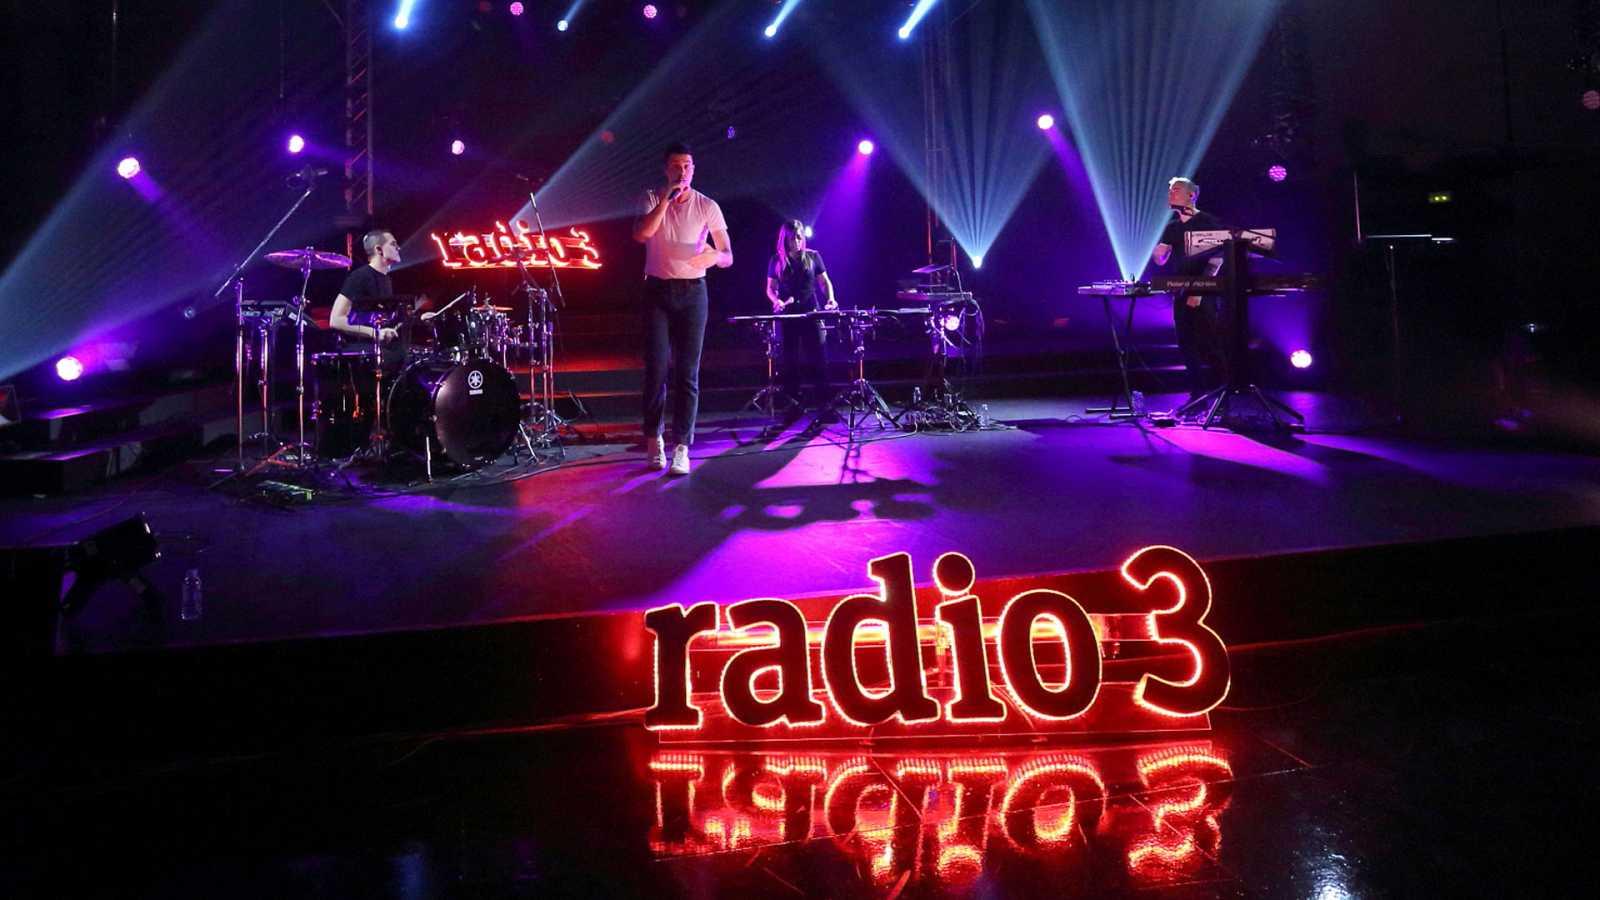 Los conciertos de Radio 3 - Zetak - ver ahora